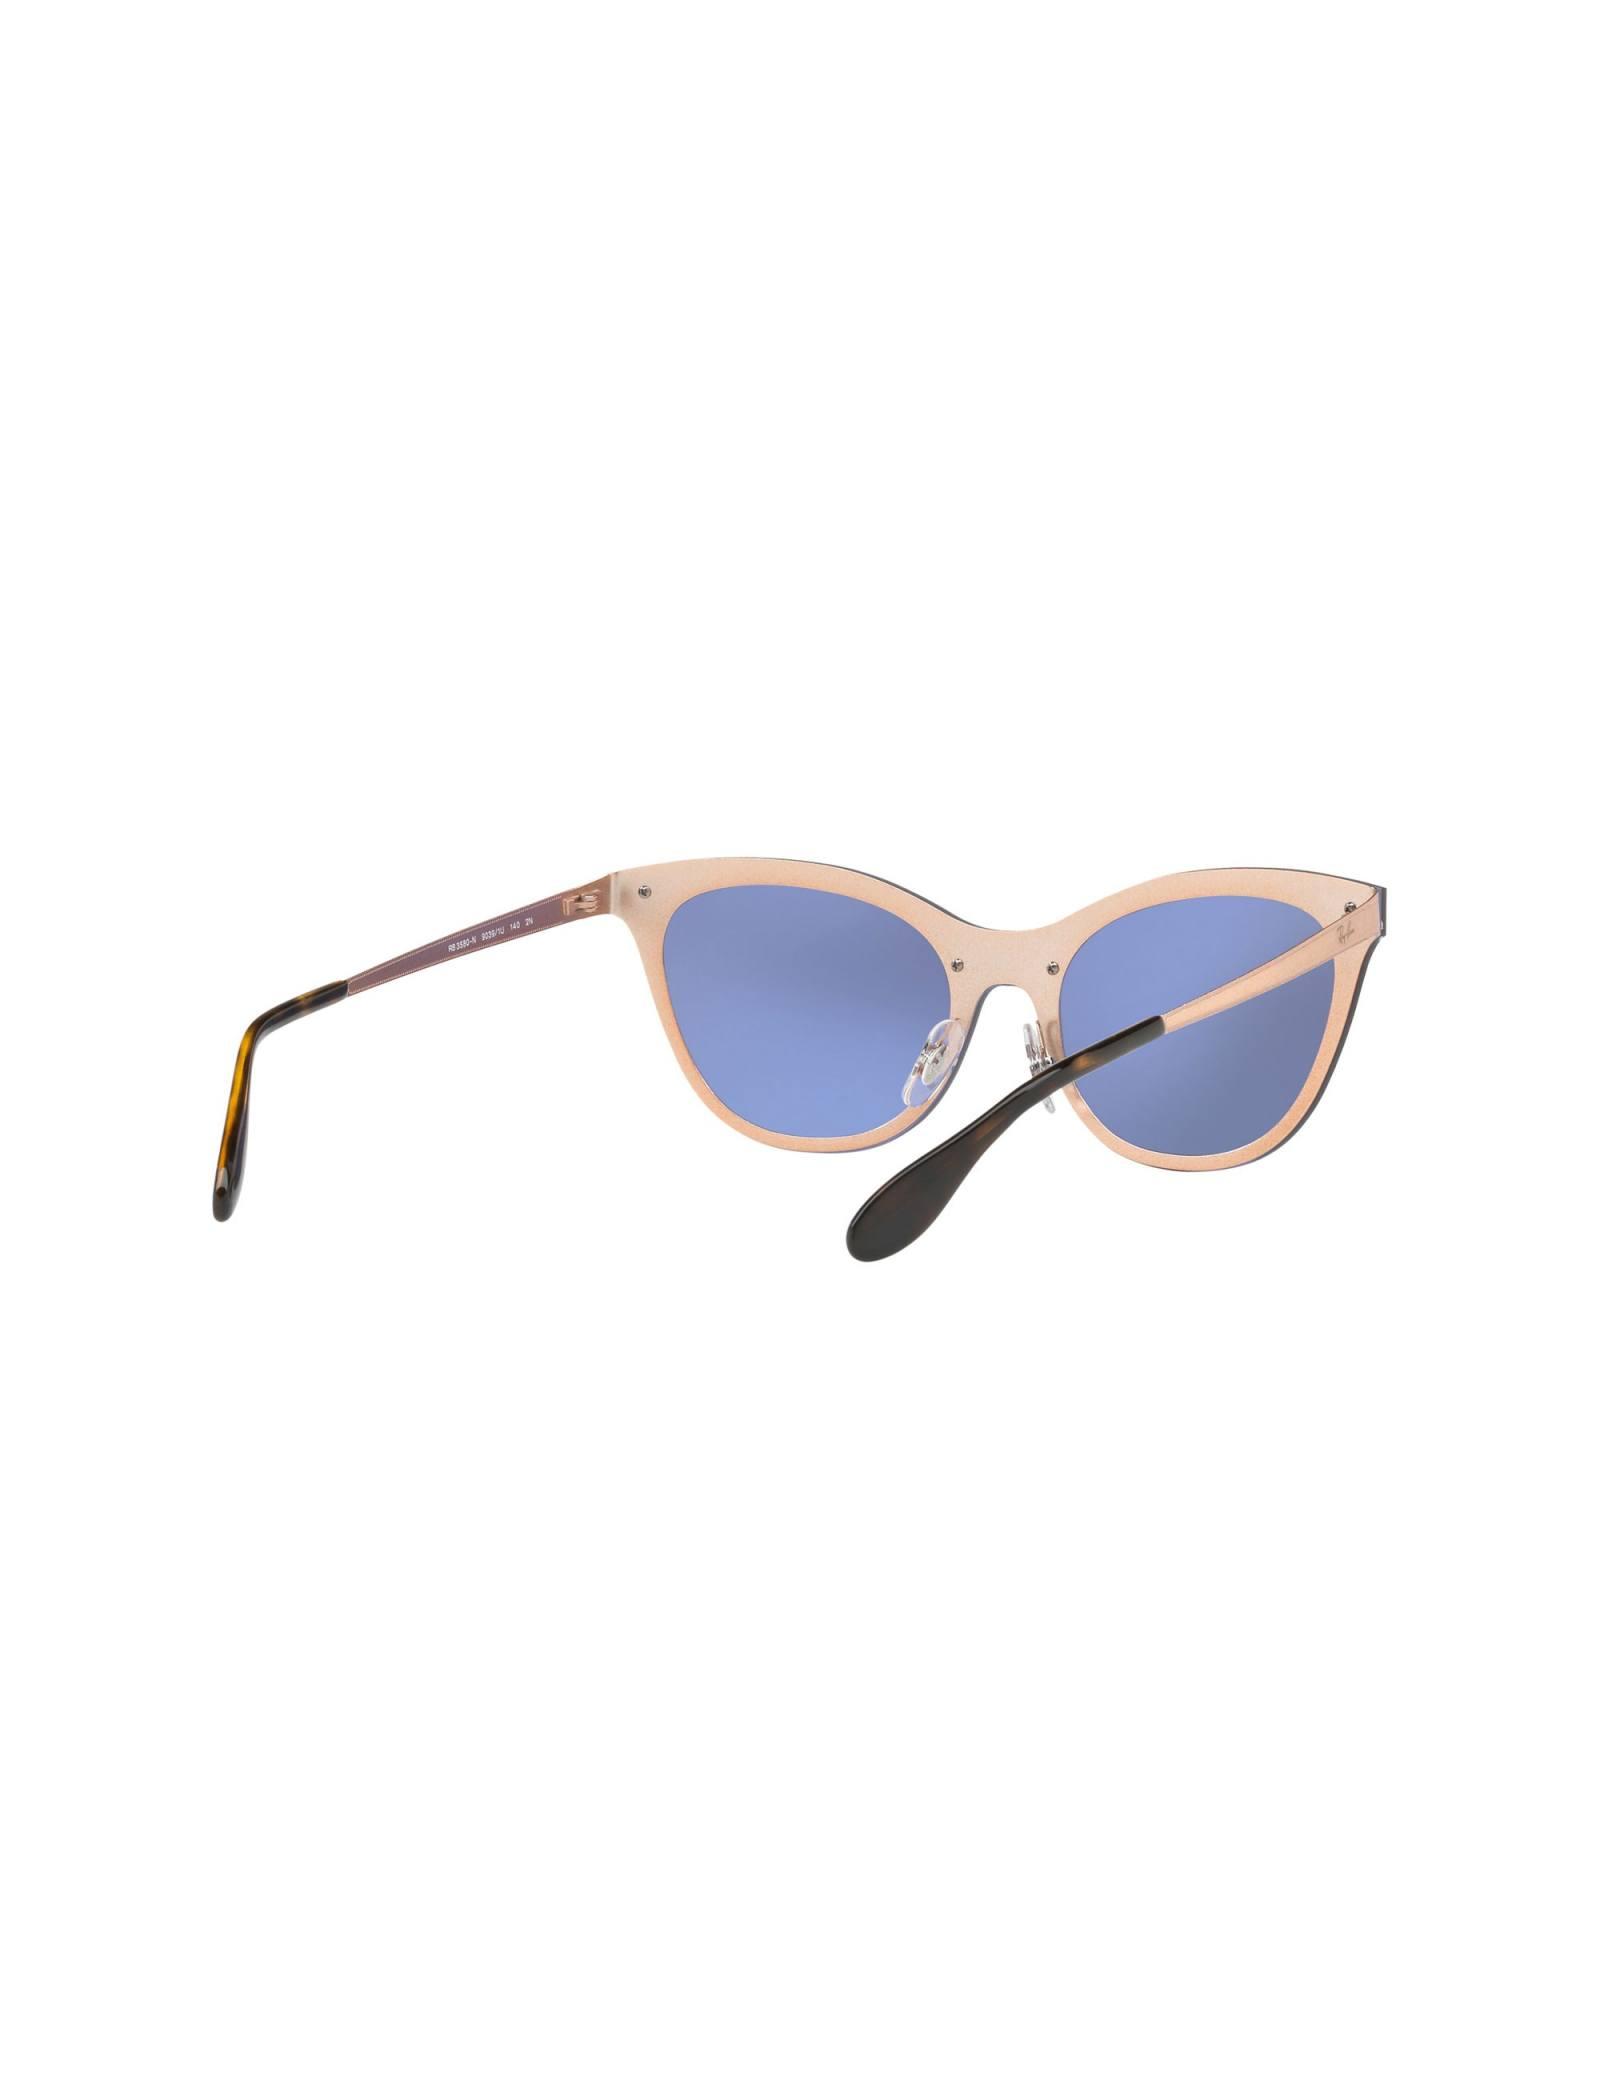 عینک آفتابی گربه ای زنانه - ری بن - مسي - 5